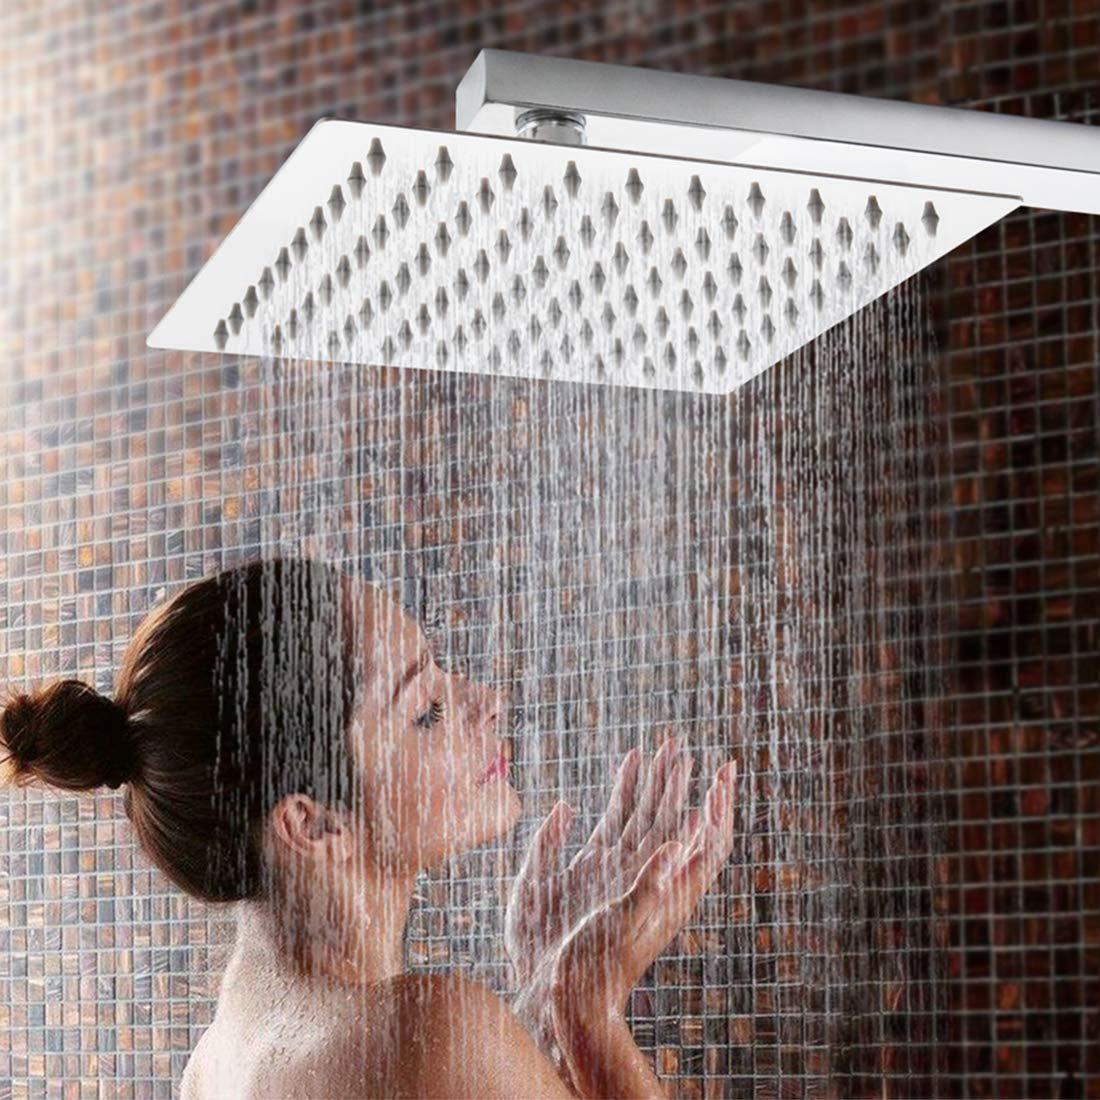 FineInno 8 inch Acero Inoxidable Alcachofa Ducha Alta Presion Shower Head Rociador Ducha Efecto Lluvia Filtro de Cabezal de Ducha, Ultra-Delgado con ...